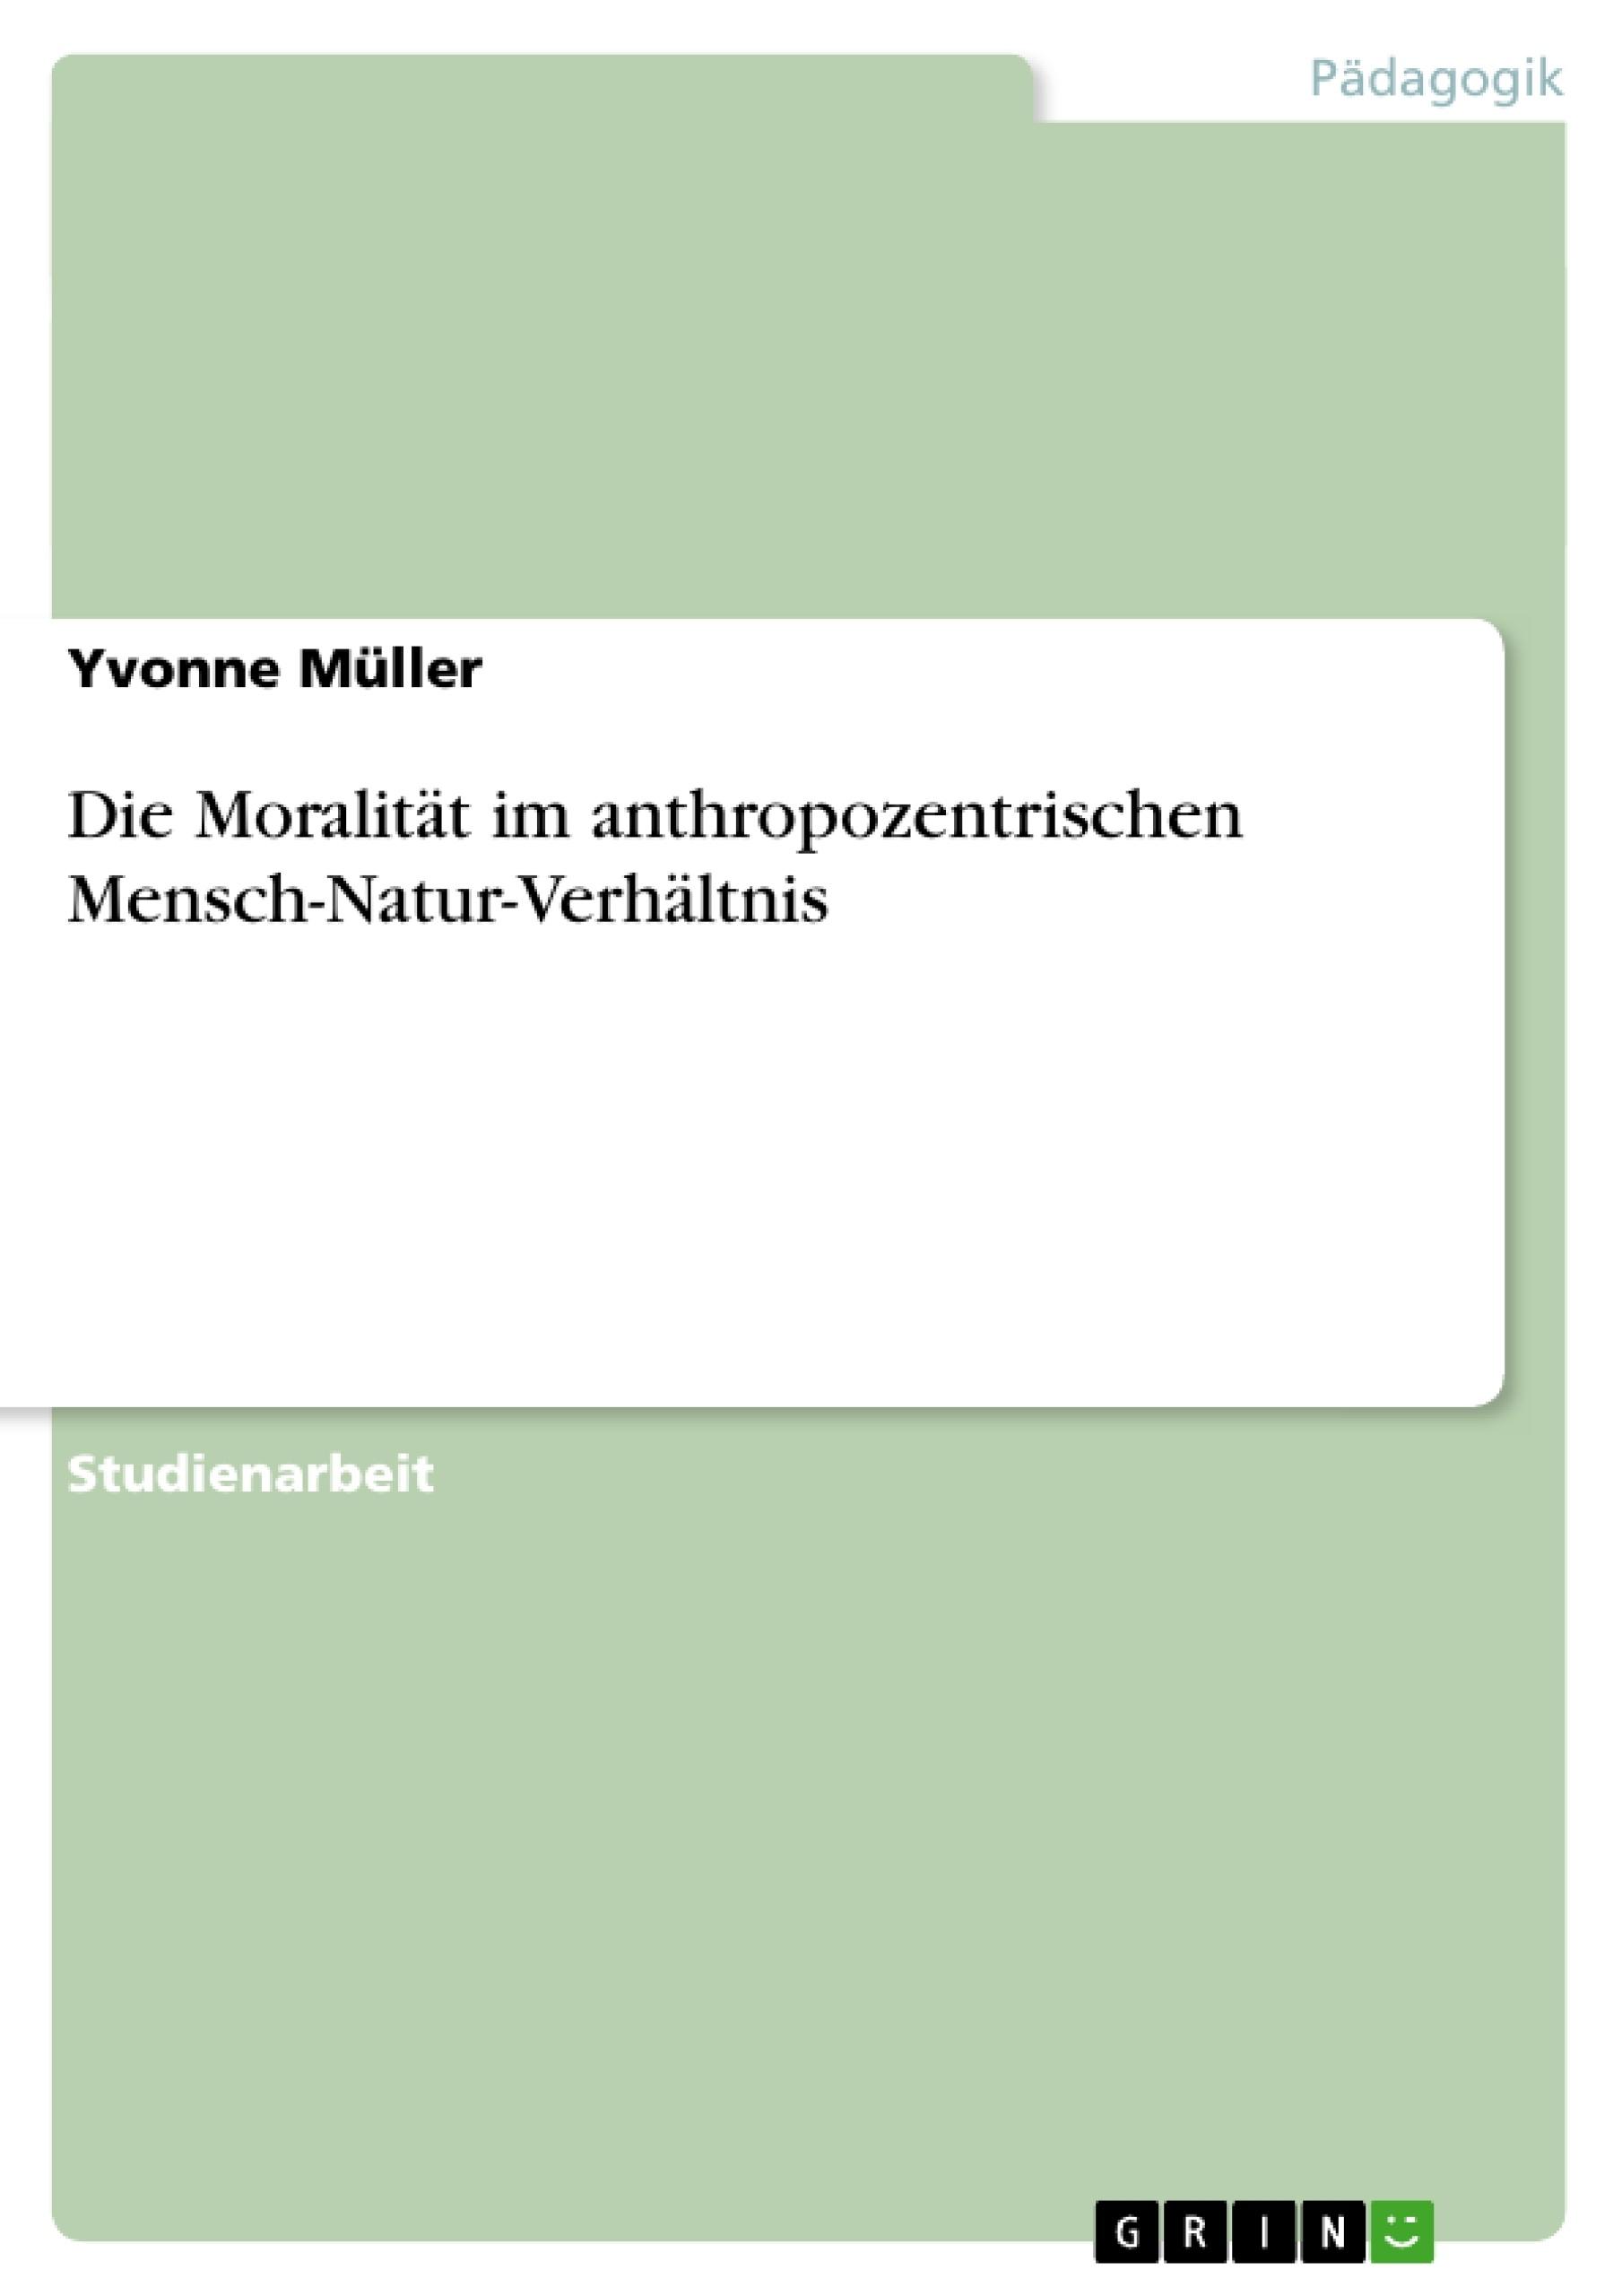 Titel: Die Moralität im anthropozentrischen Mensch-Natur-Verhältnis